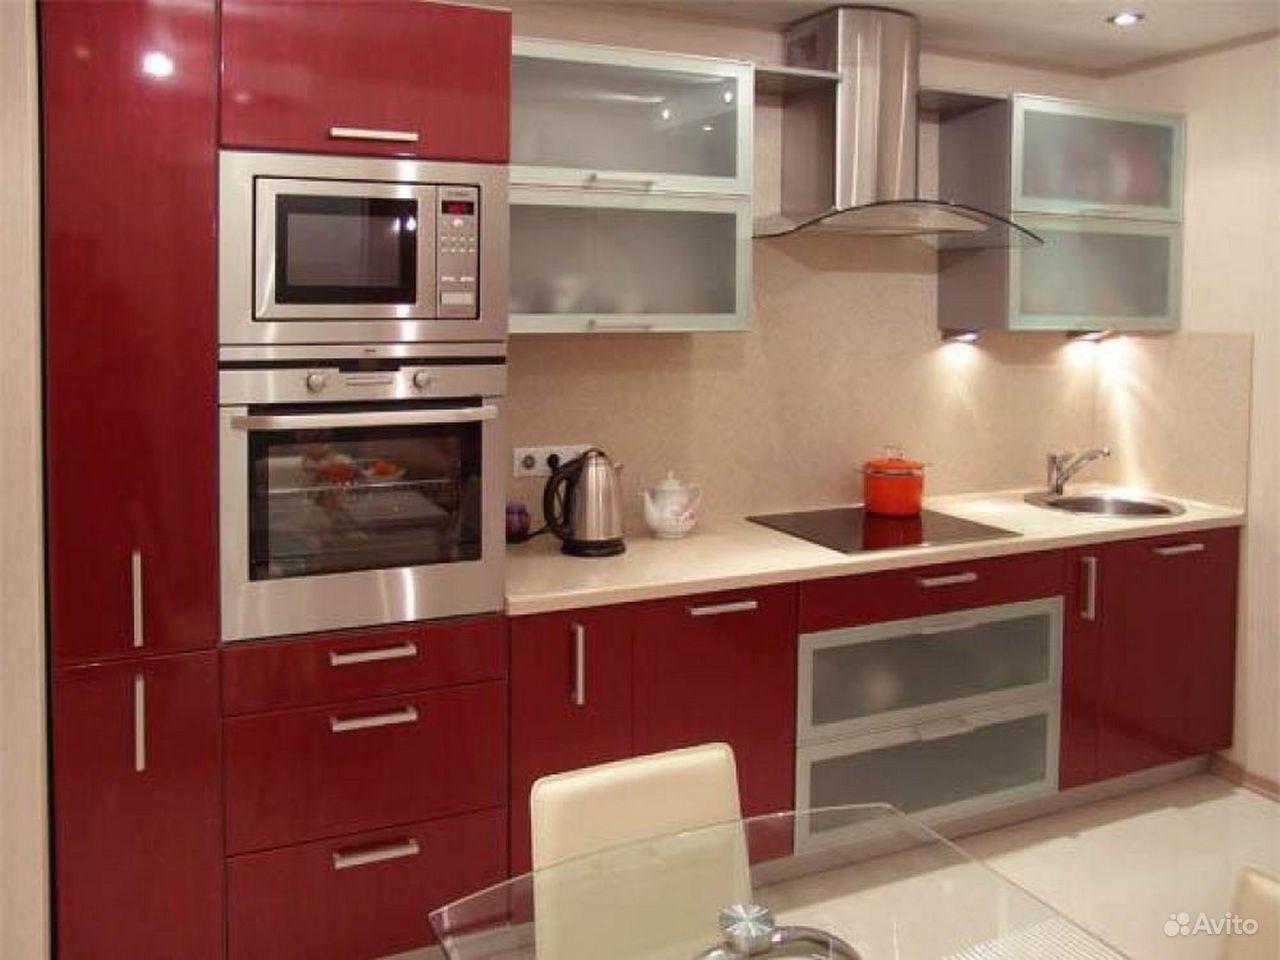 Элитная кухонная мебель киев Чернигов на заказ, фото, цена, .